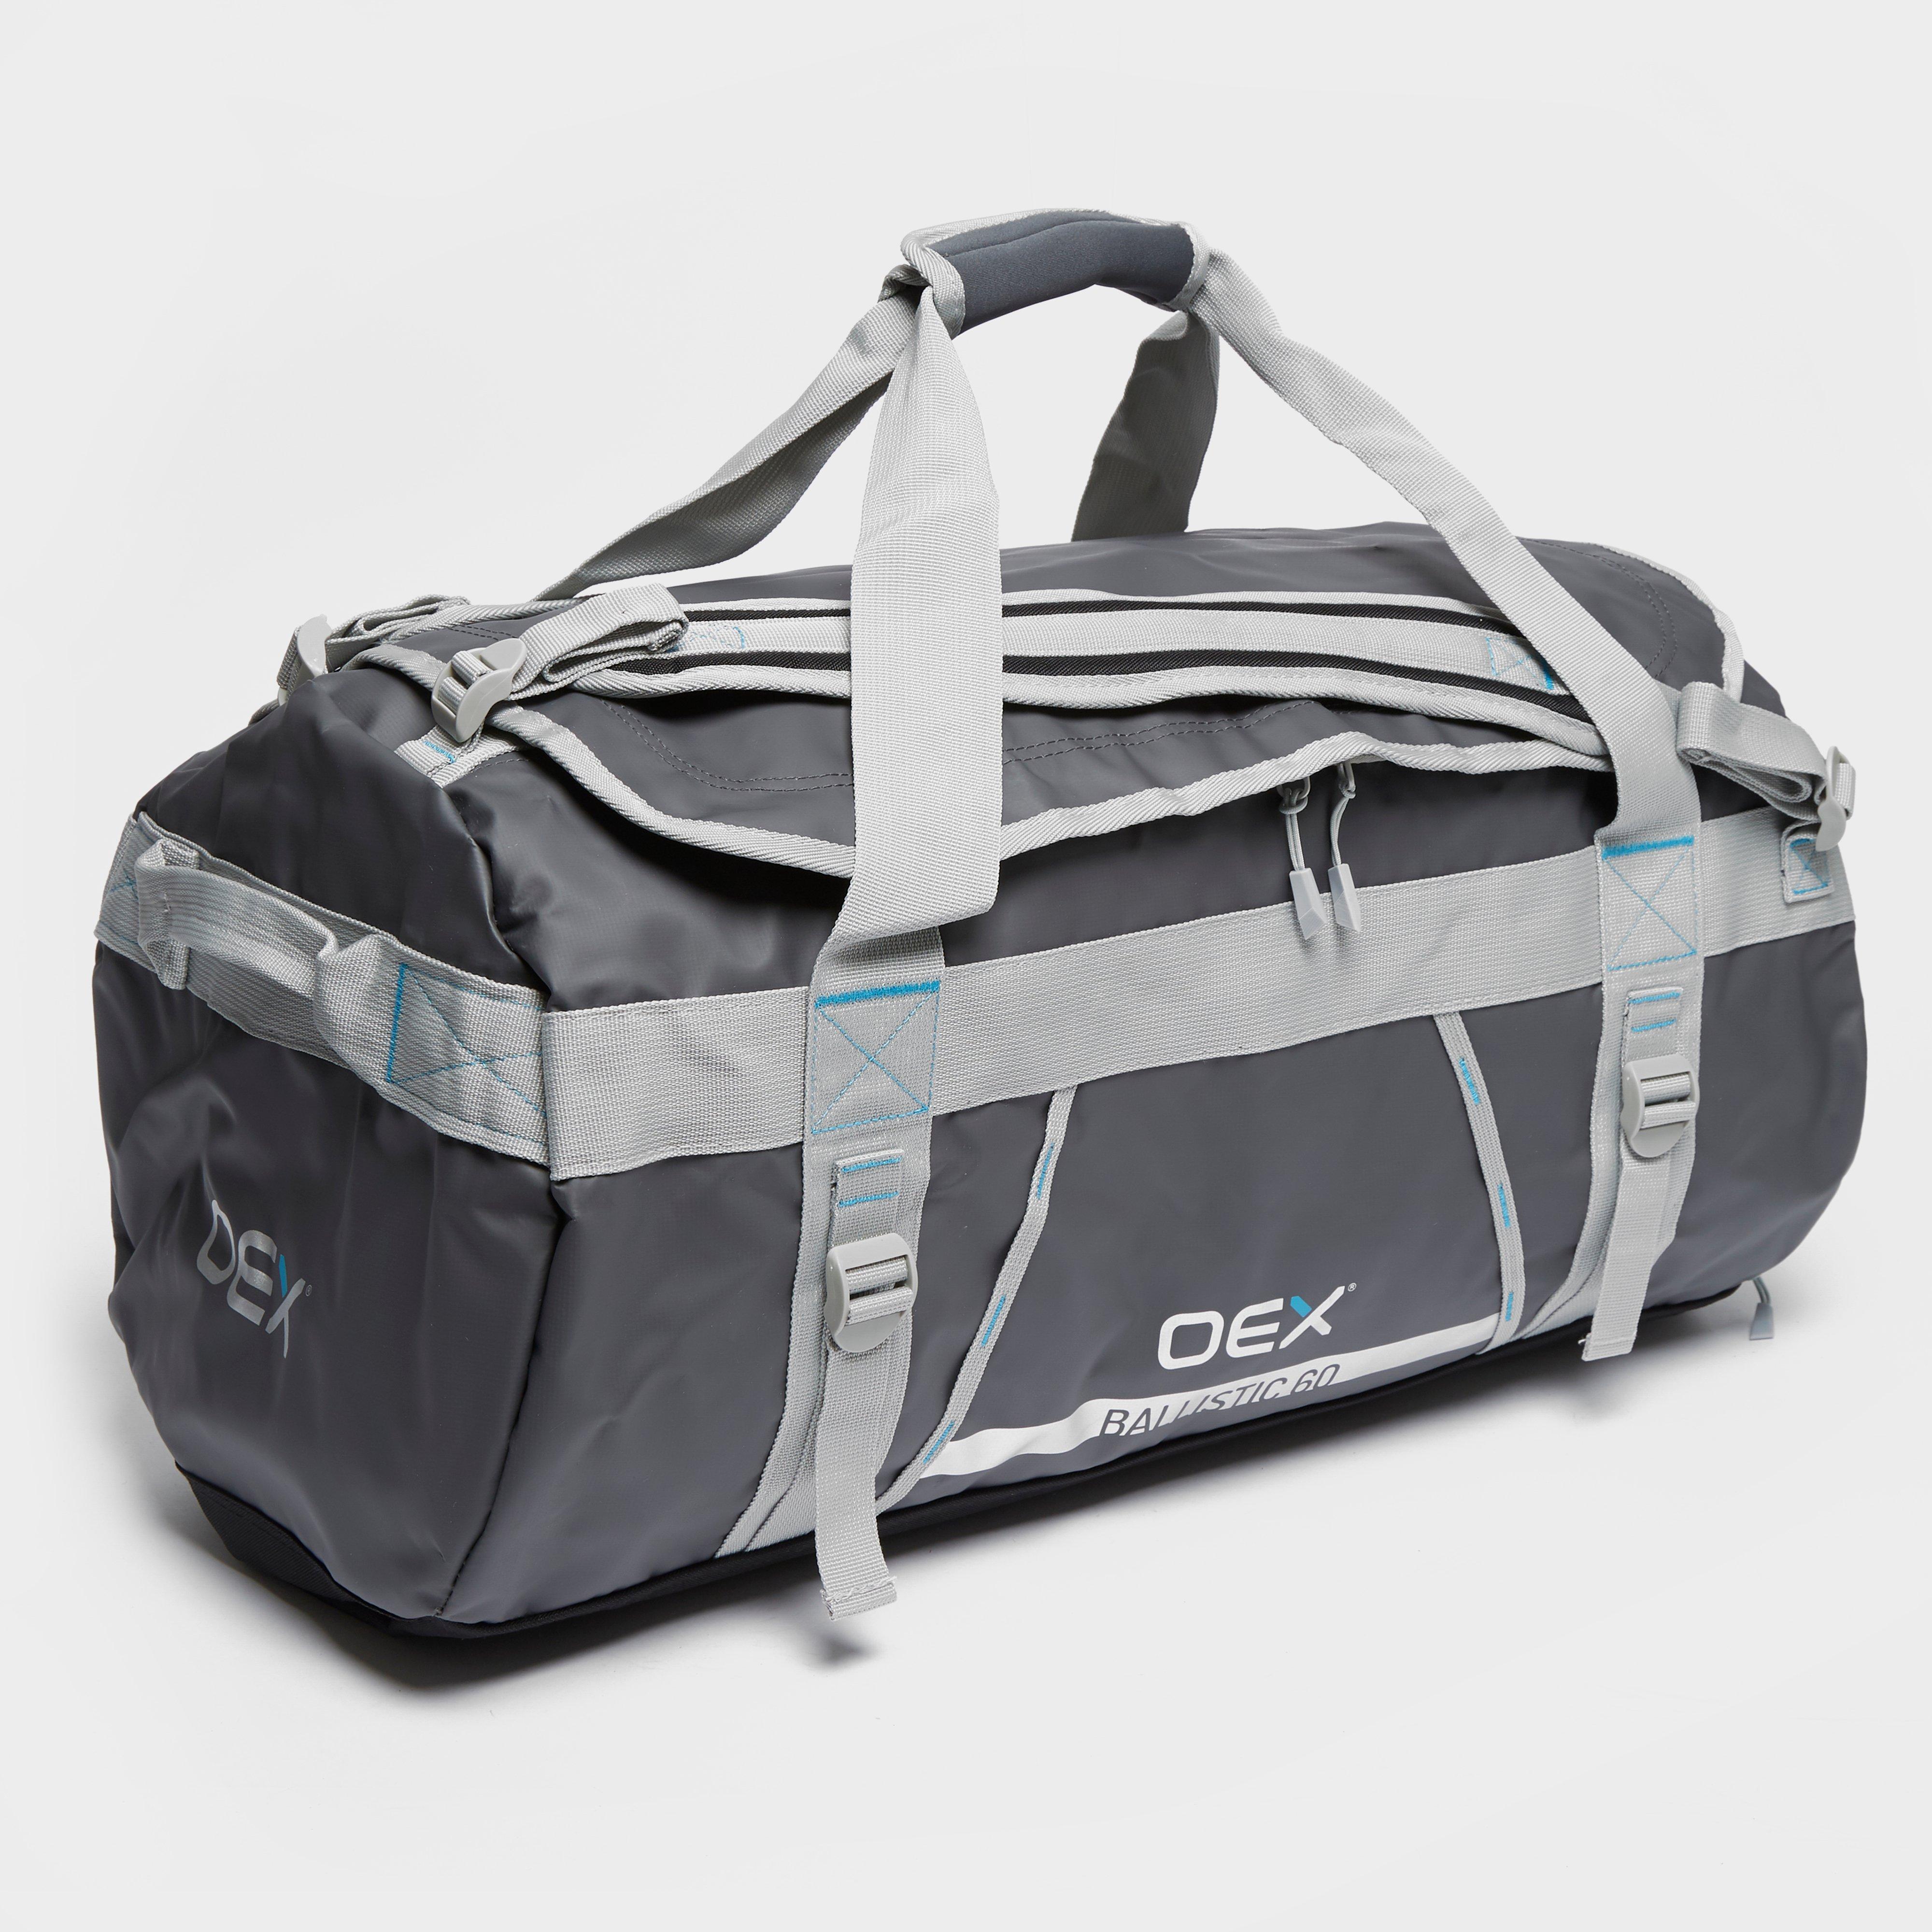 Oex Oex Ballistic 60L Cargo Bag - Grey, Grey